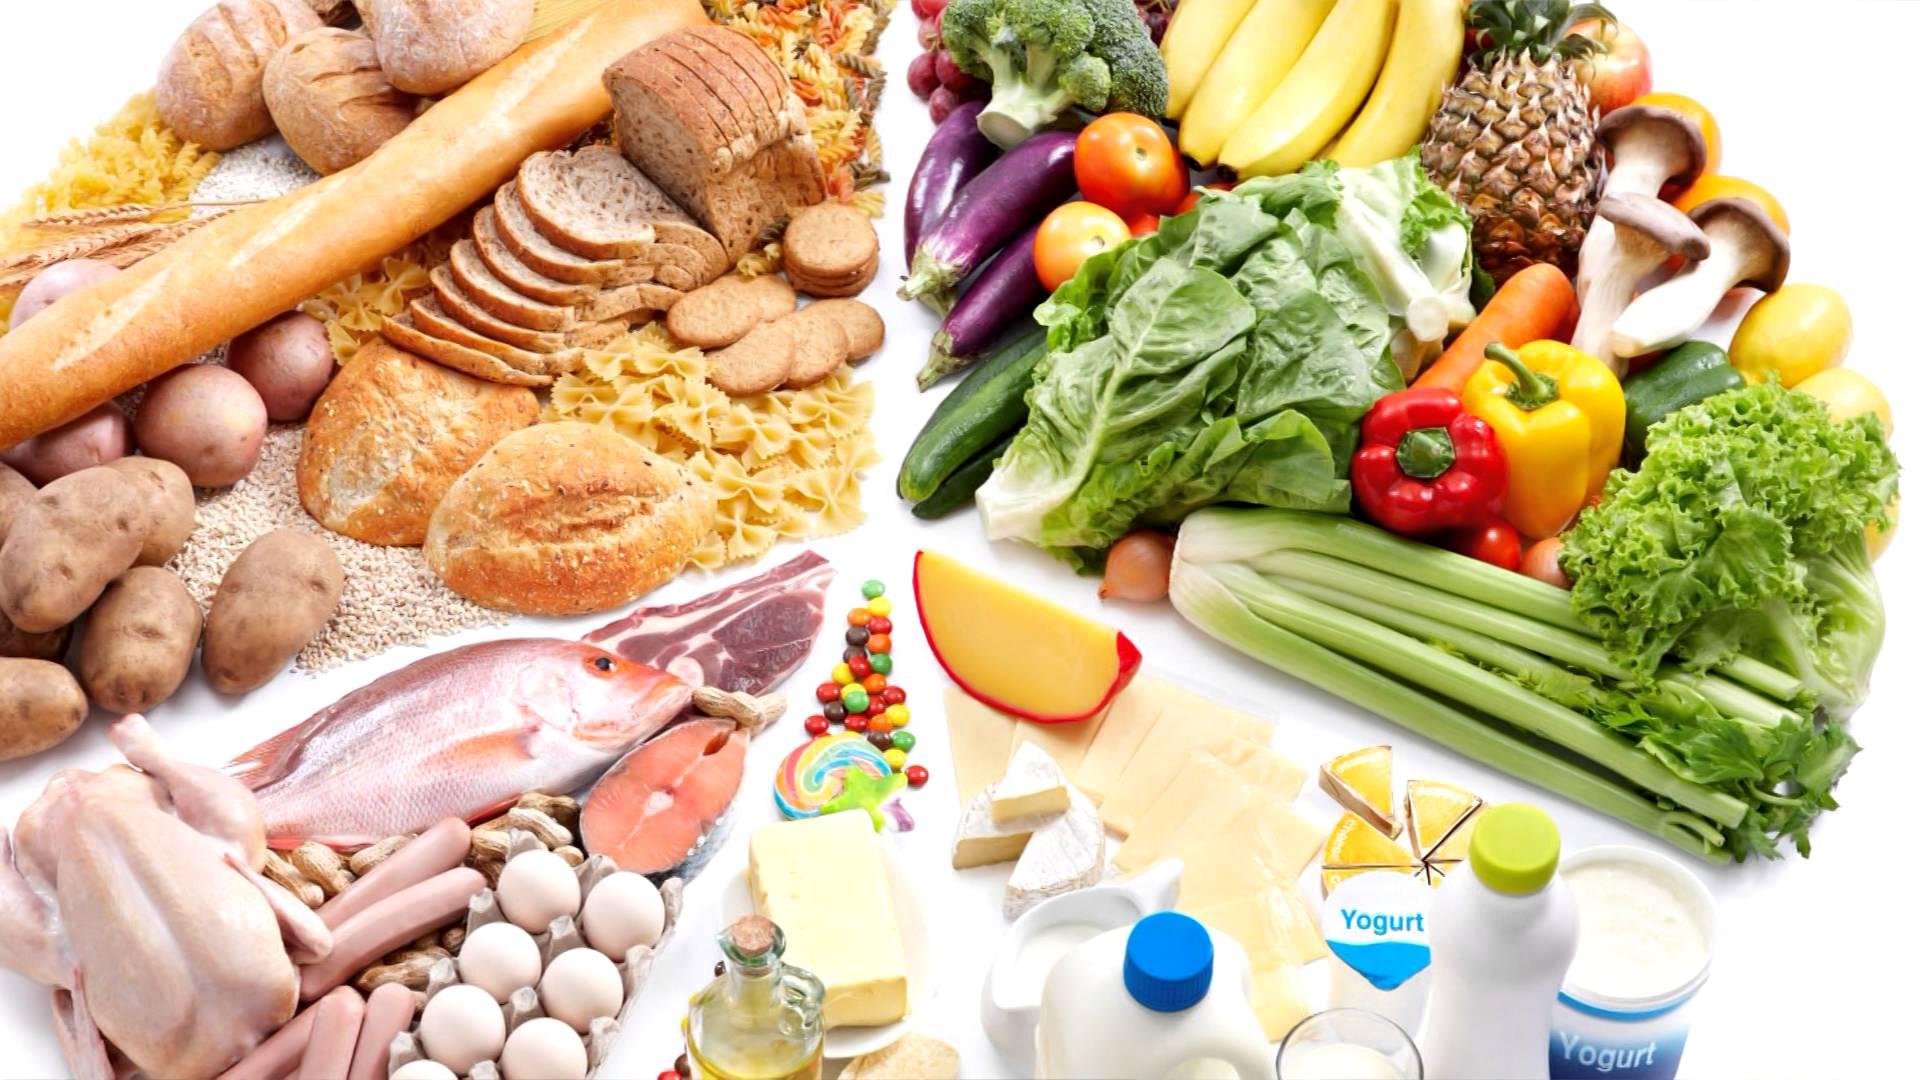 Картинка <b>продукты</b> правильного питания